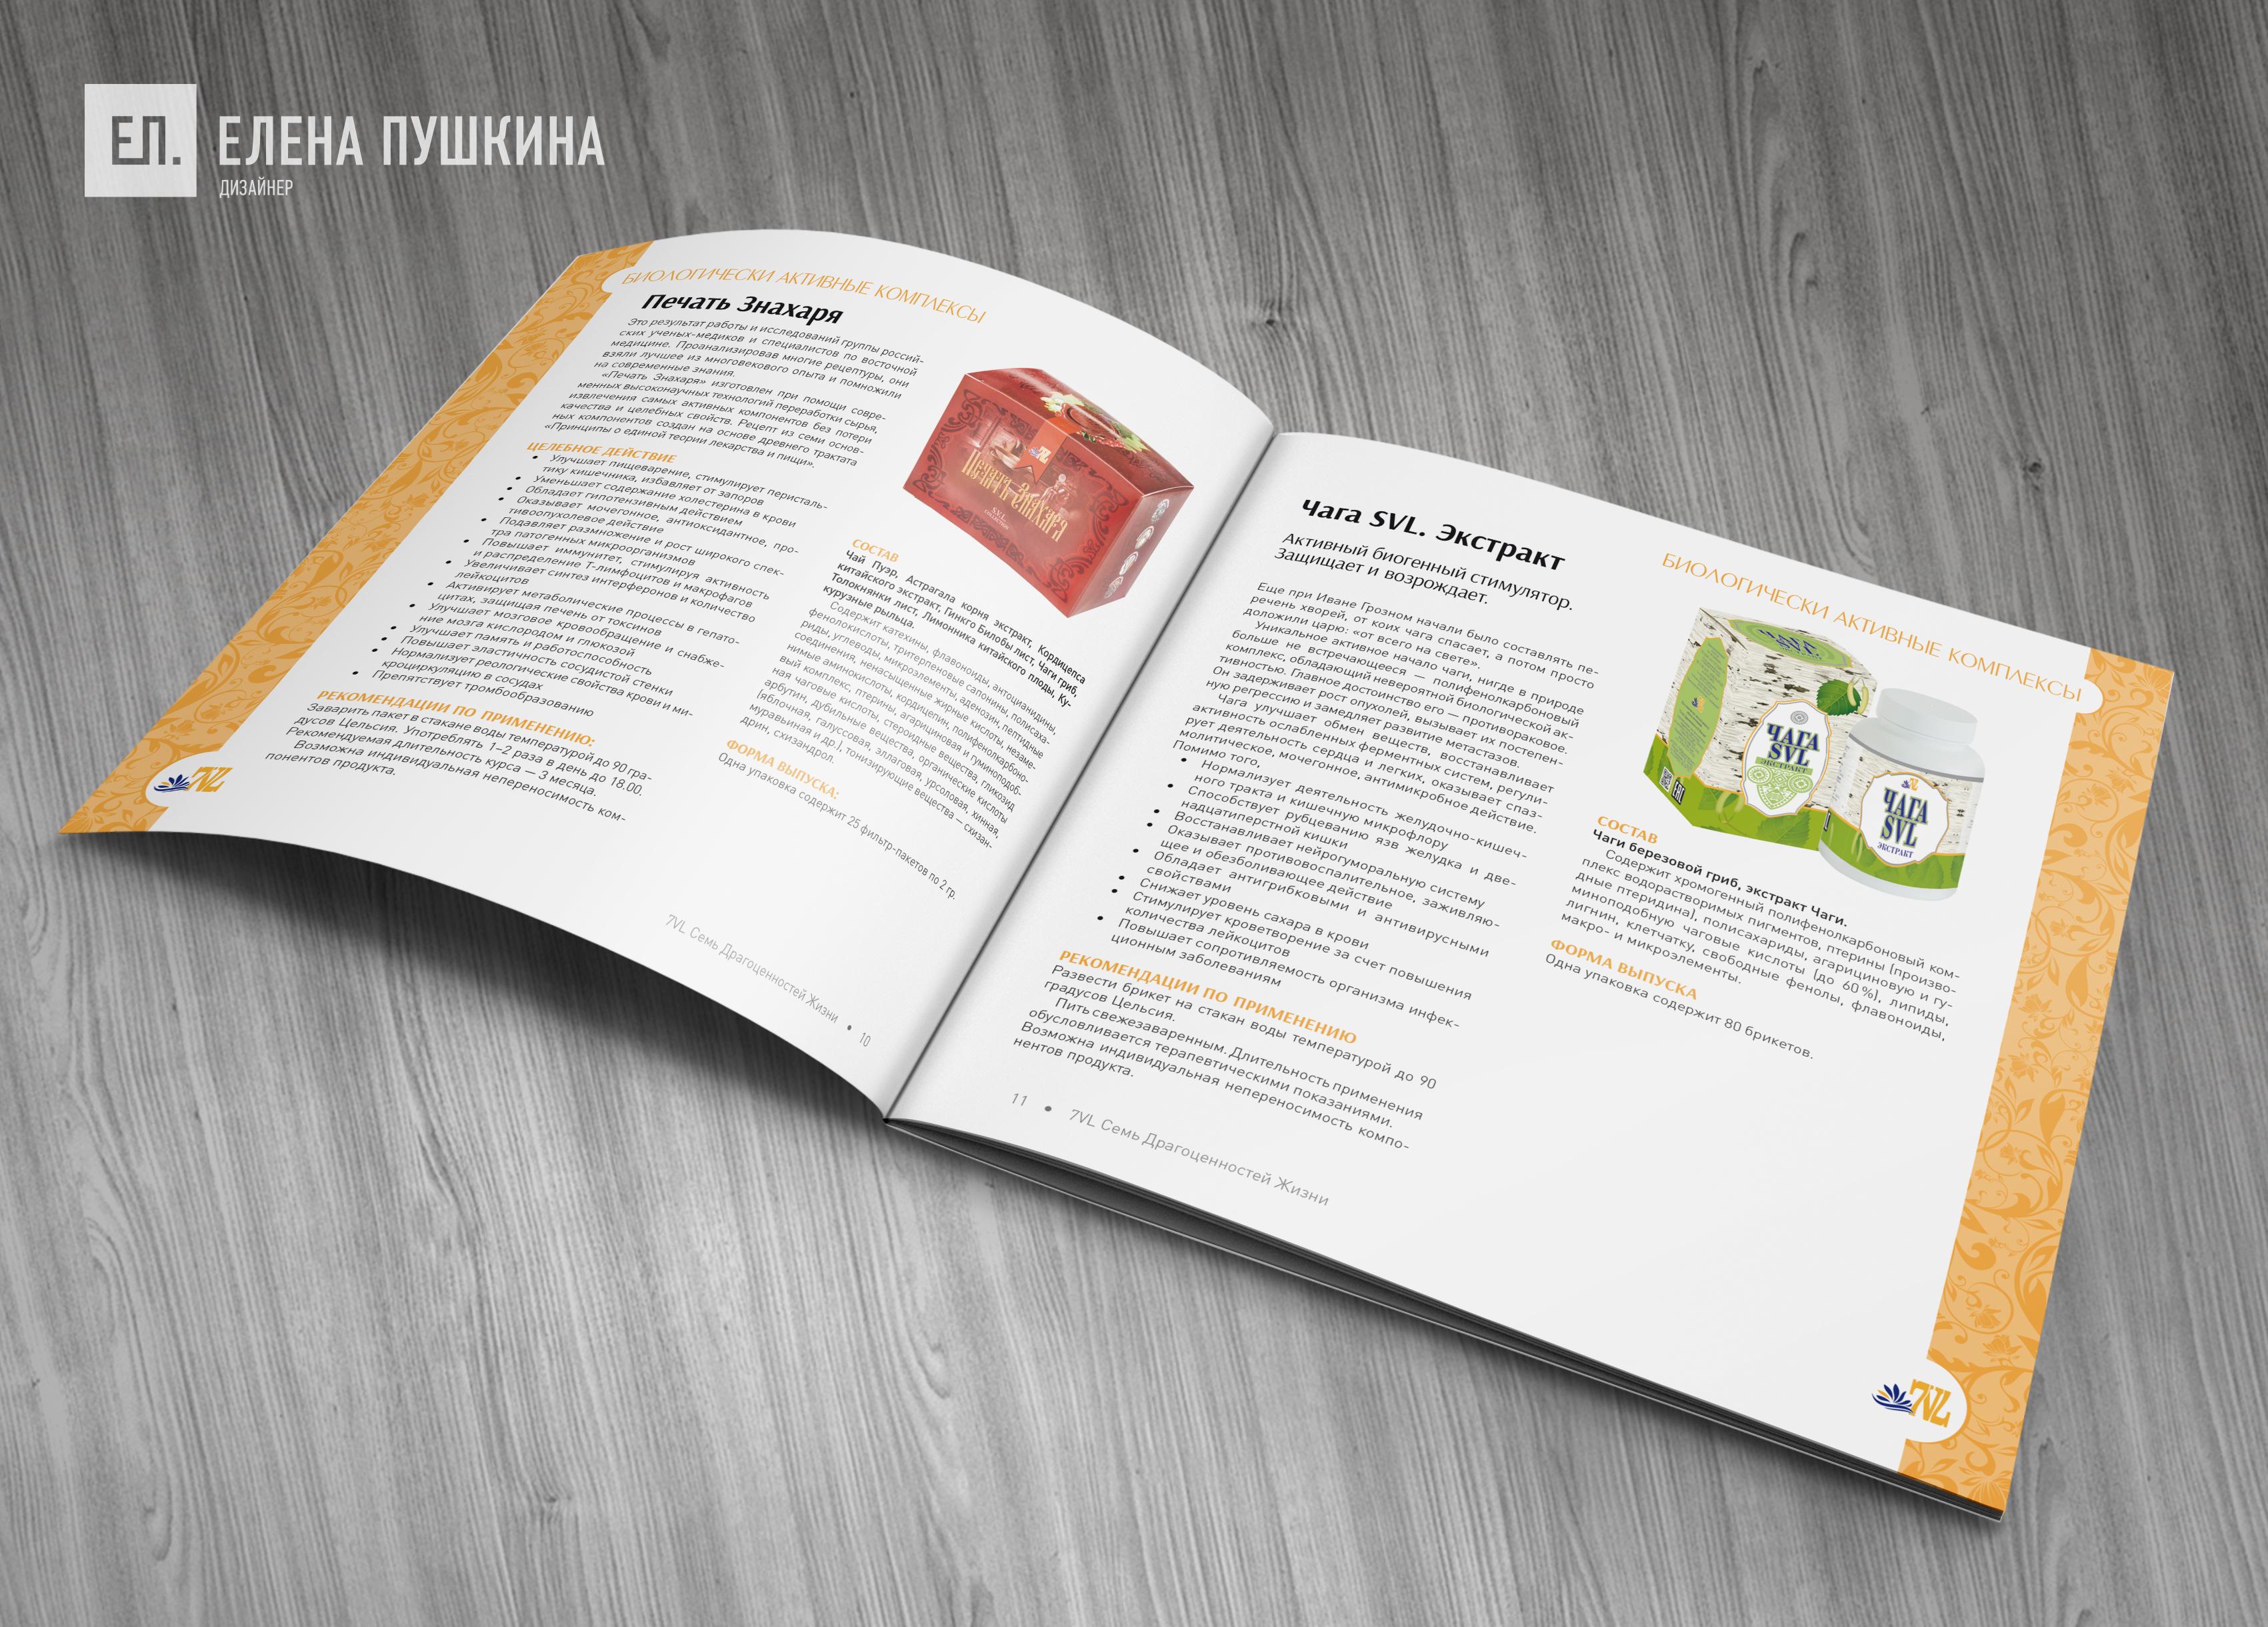 Каталог продукции МЛМ компании «7VL Семь драгоценностей жизни»— дизайн с«нуля» обложки, макета ивёрстка каталога Дизайн каталогов Портфолио